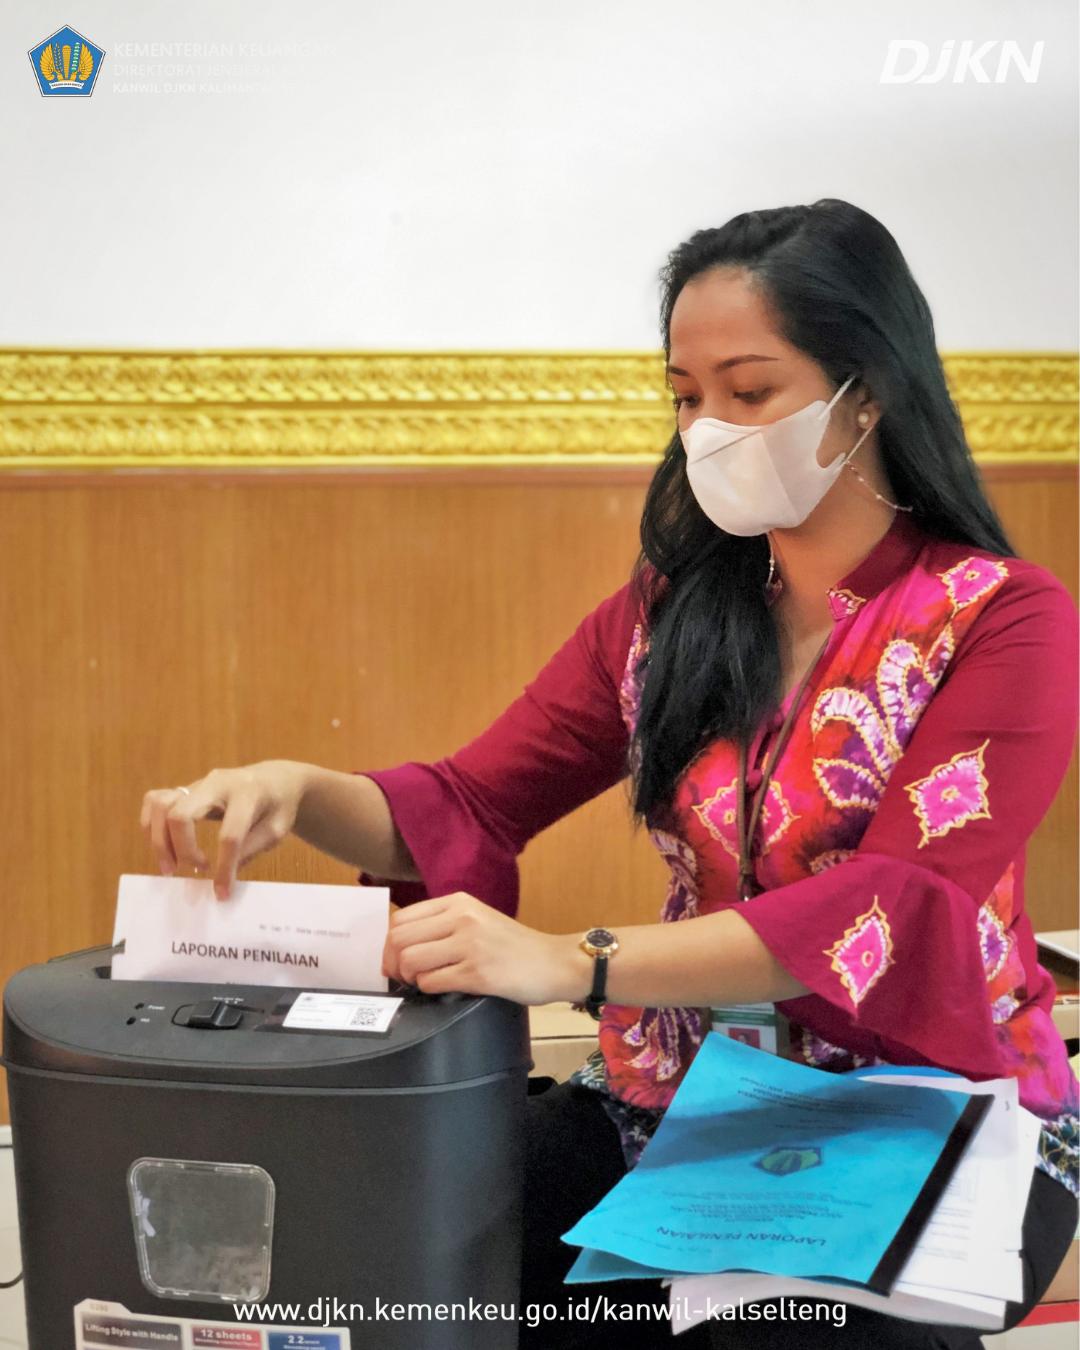 Pemusnahan 1.737 Bundel Arsip pada Kanwil DJKN Kalselteng